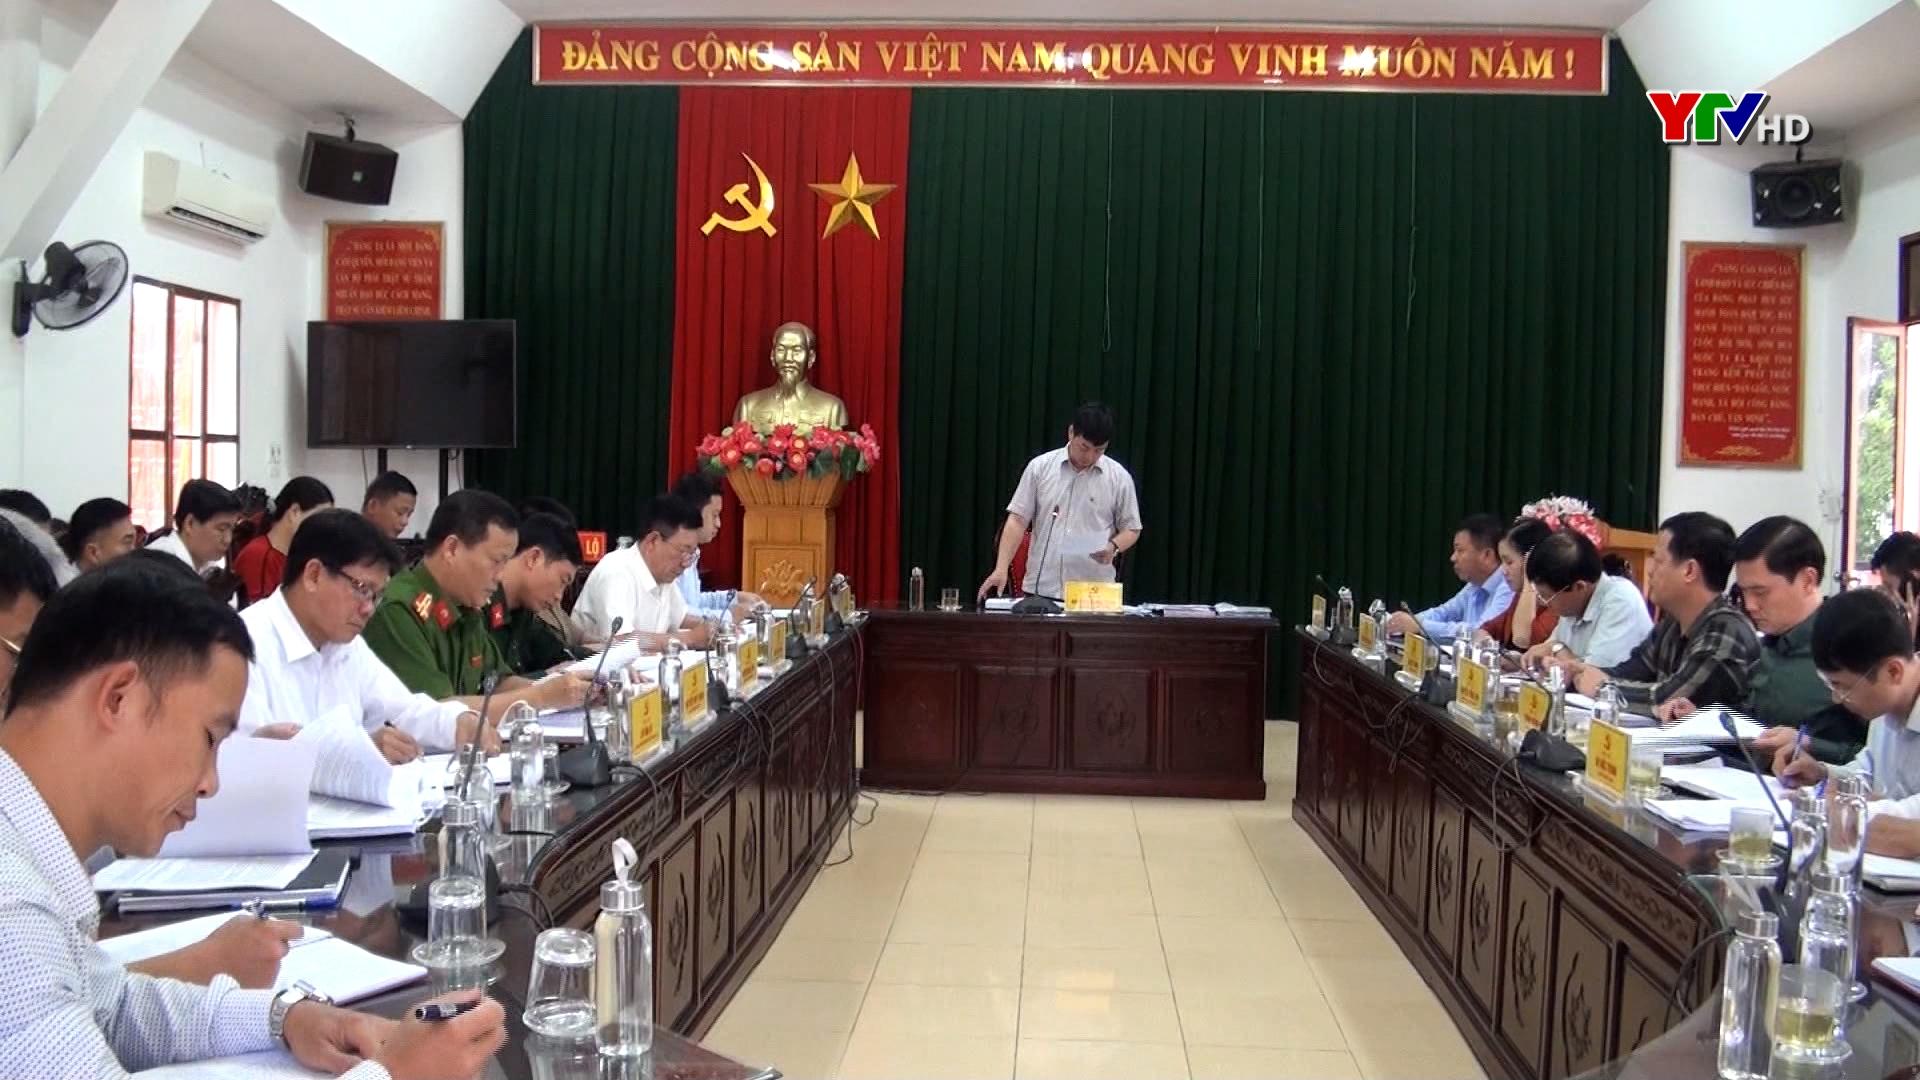 Đồng chí Nguyễn Minh Toàn - Chủ nhiệm UBKT Tỉnh ủy làm việc tại thị xã Nghĩa Lộ